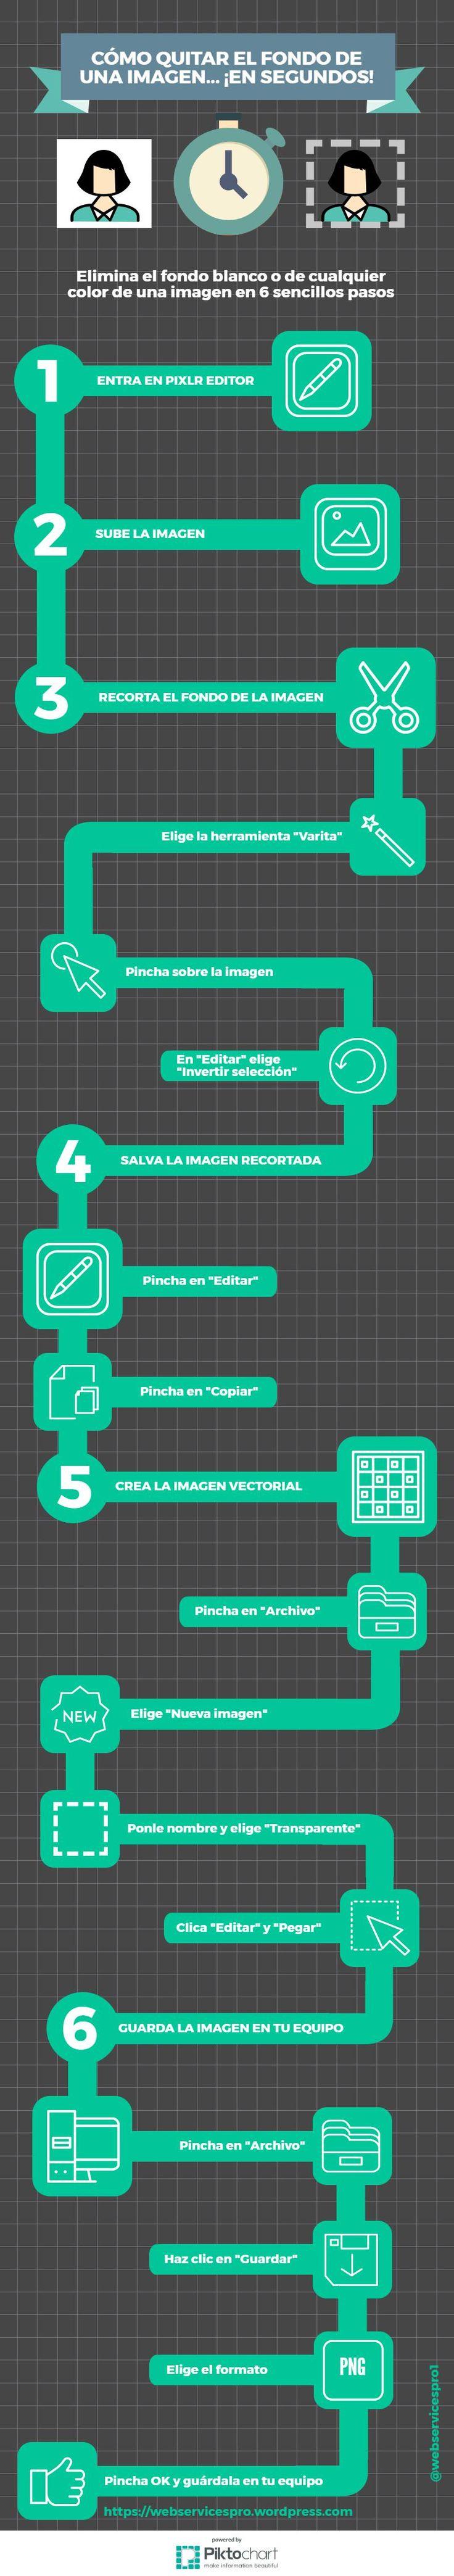 Cómo-eliminar-el-fondo--de-una-imagen-en-segundos #QuitarFondoBlanco #EliminarFondoImagen #CrearVector #ImagenVectorial #HerramientasDigitales #Infografía #DiseñoGráfico